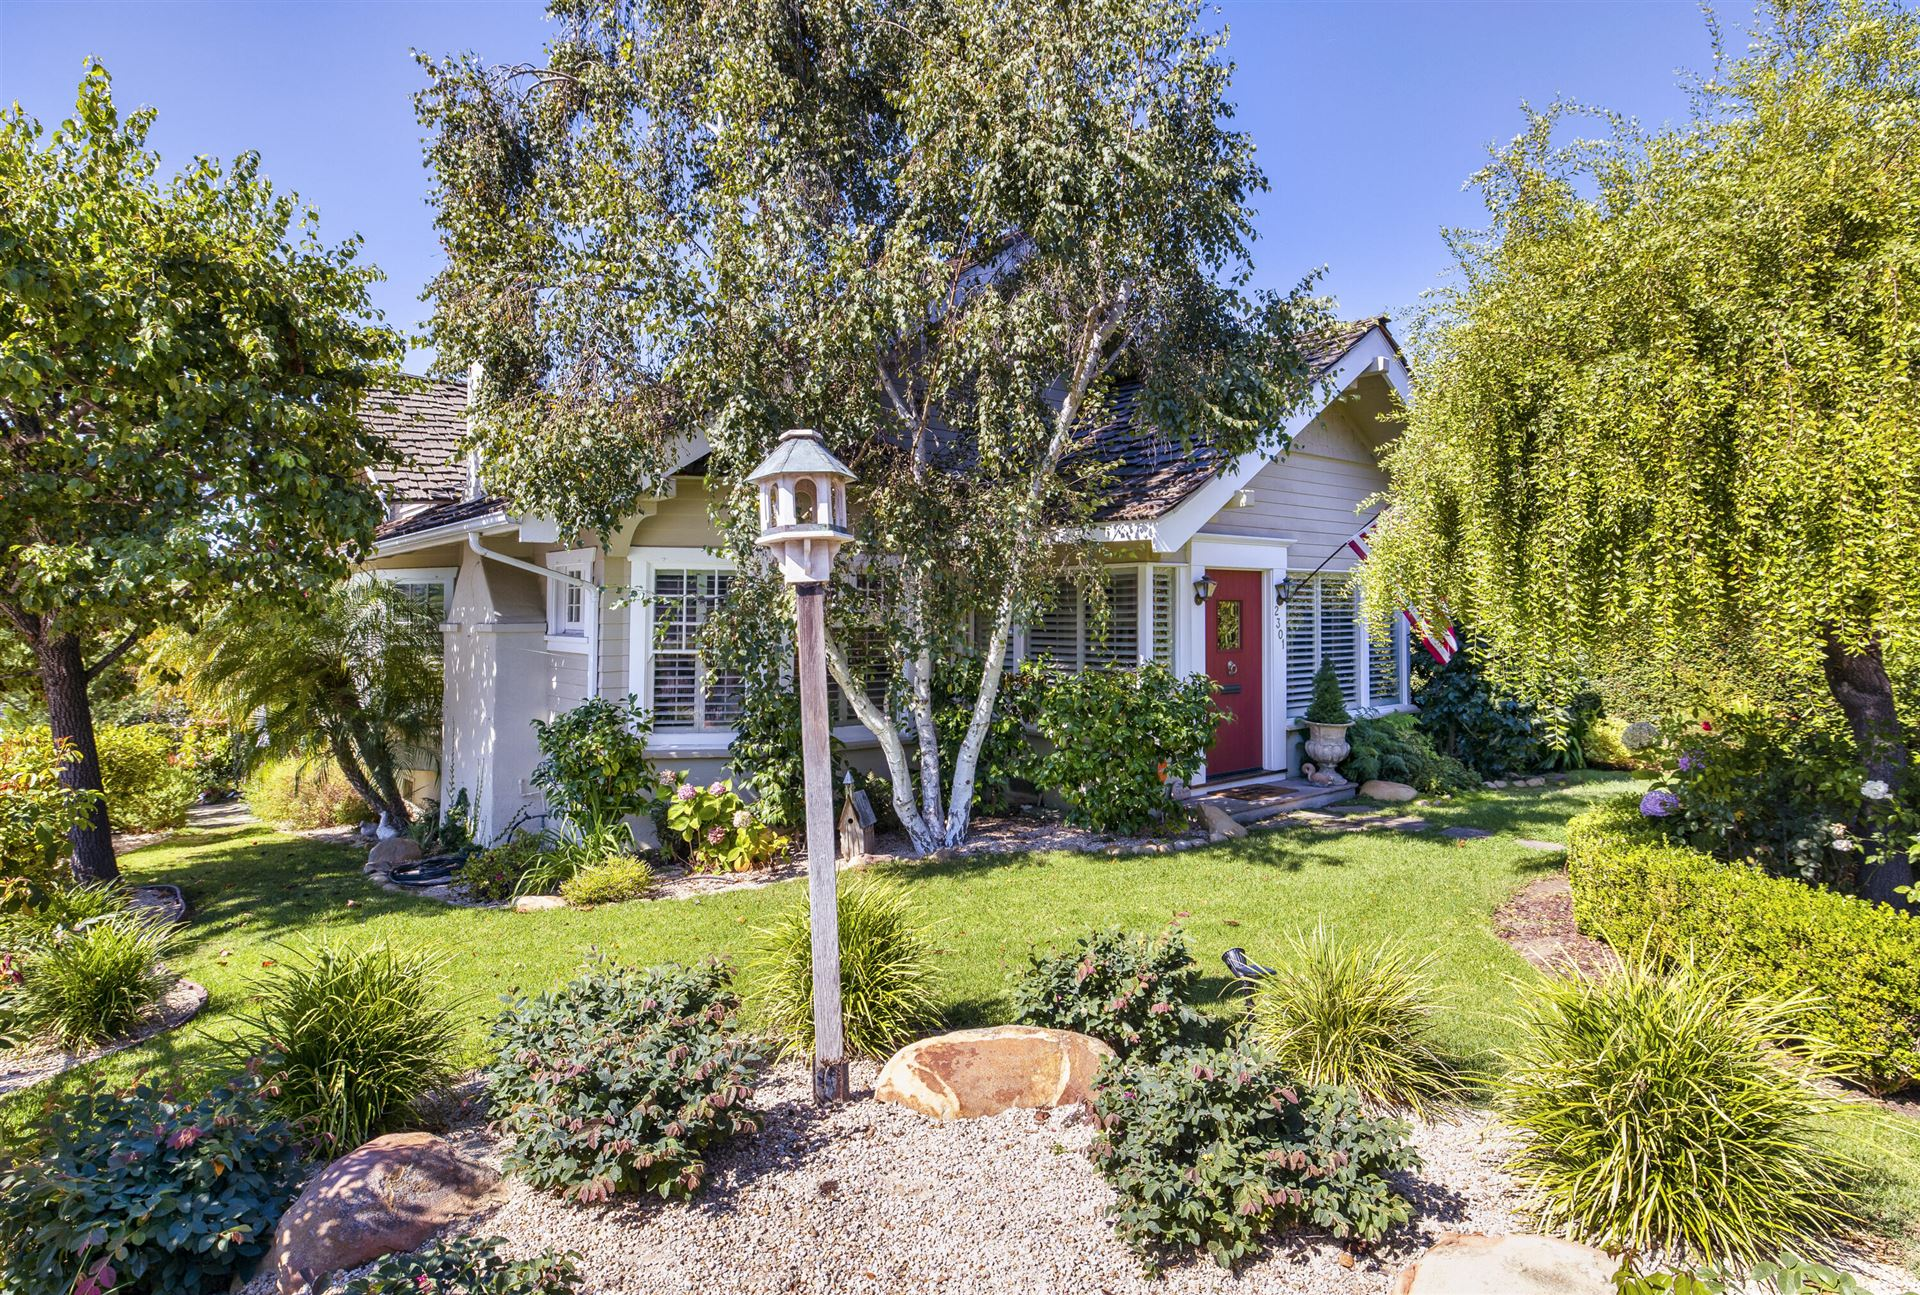 2301 State St, Santa Barbara, CA 93105 - MLS#: 21-3622